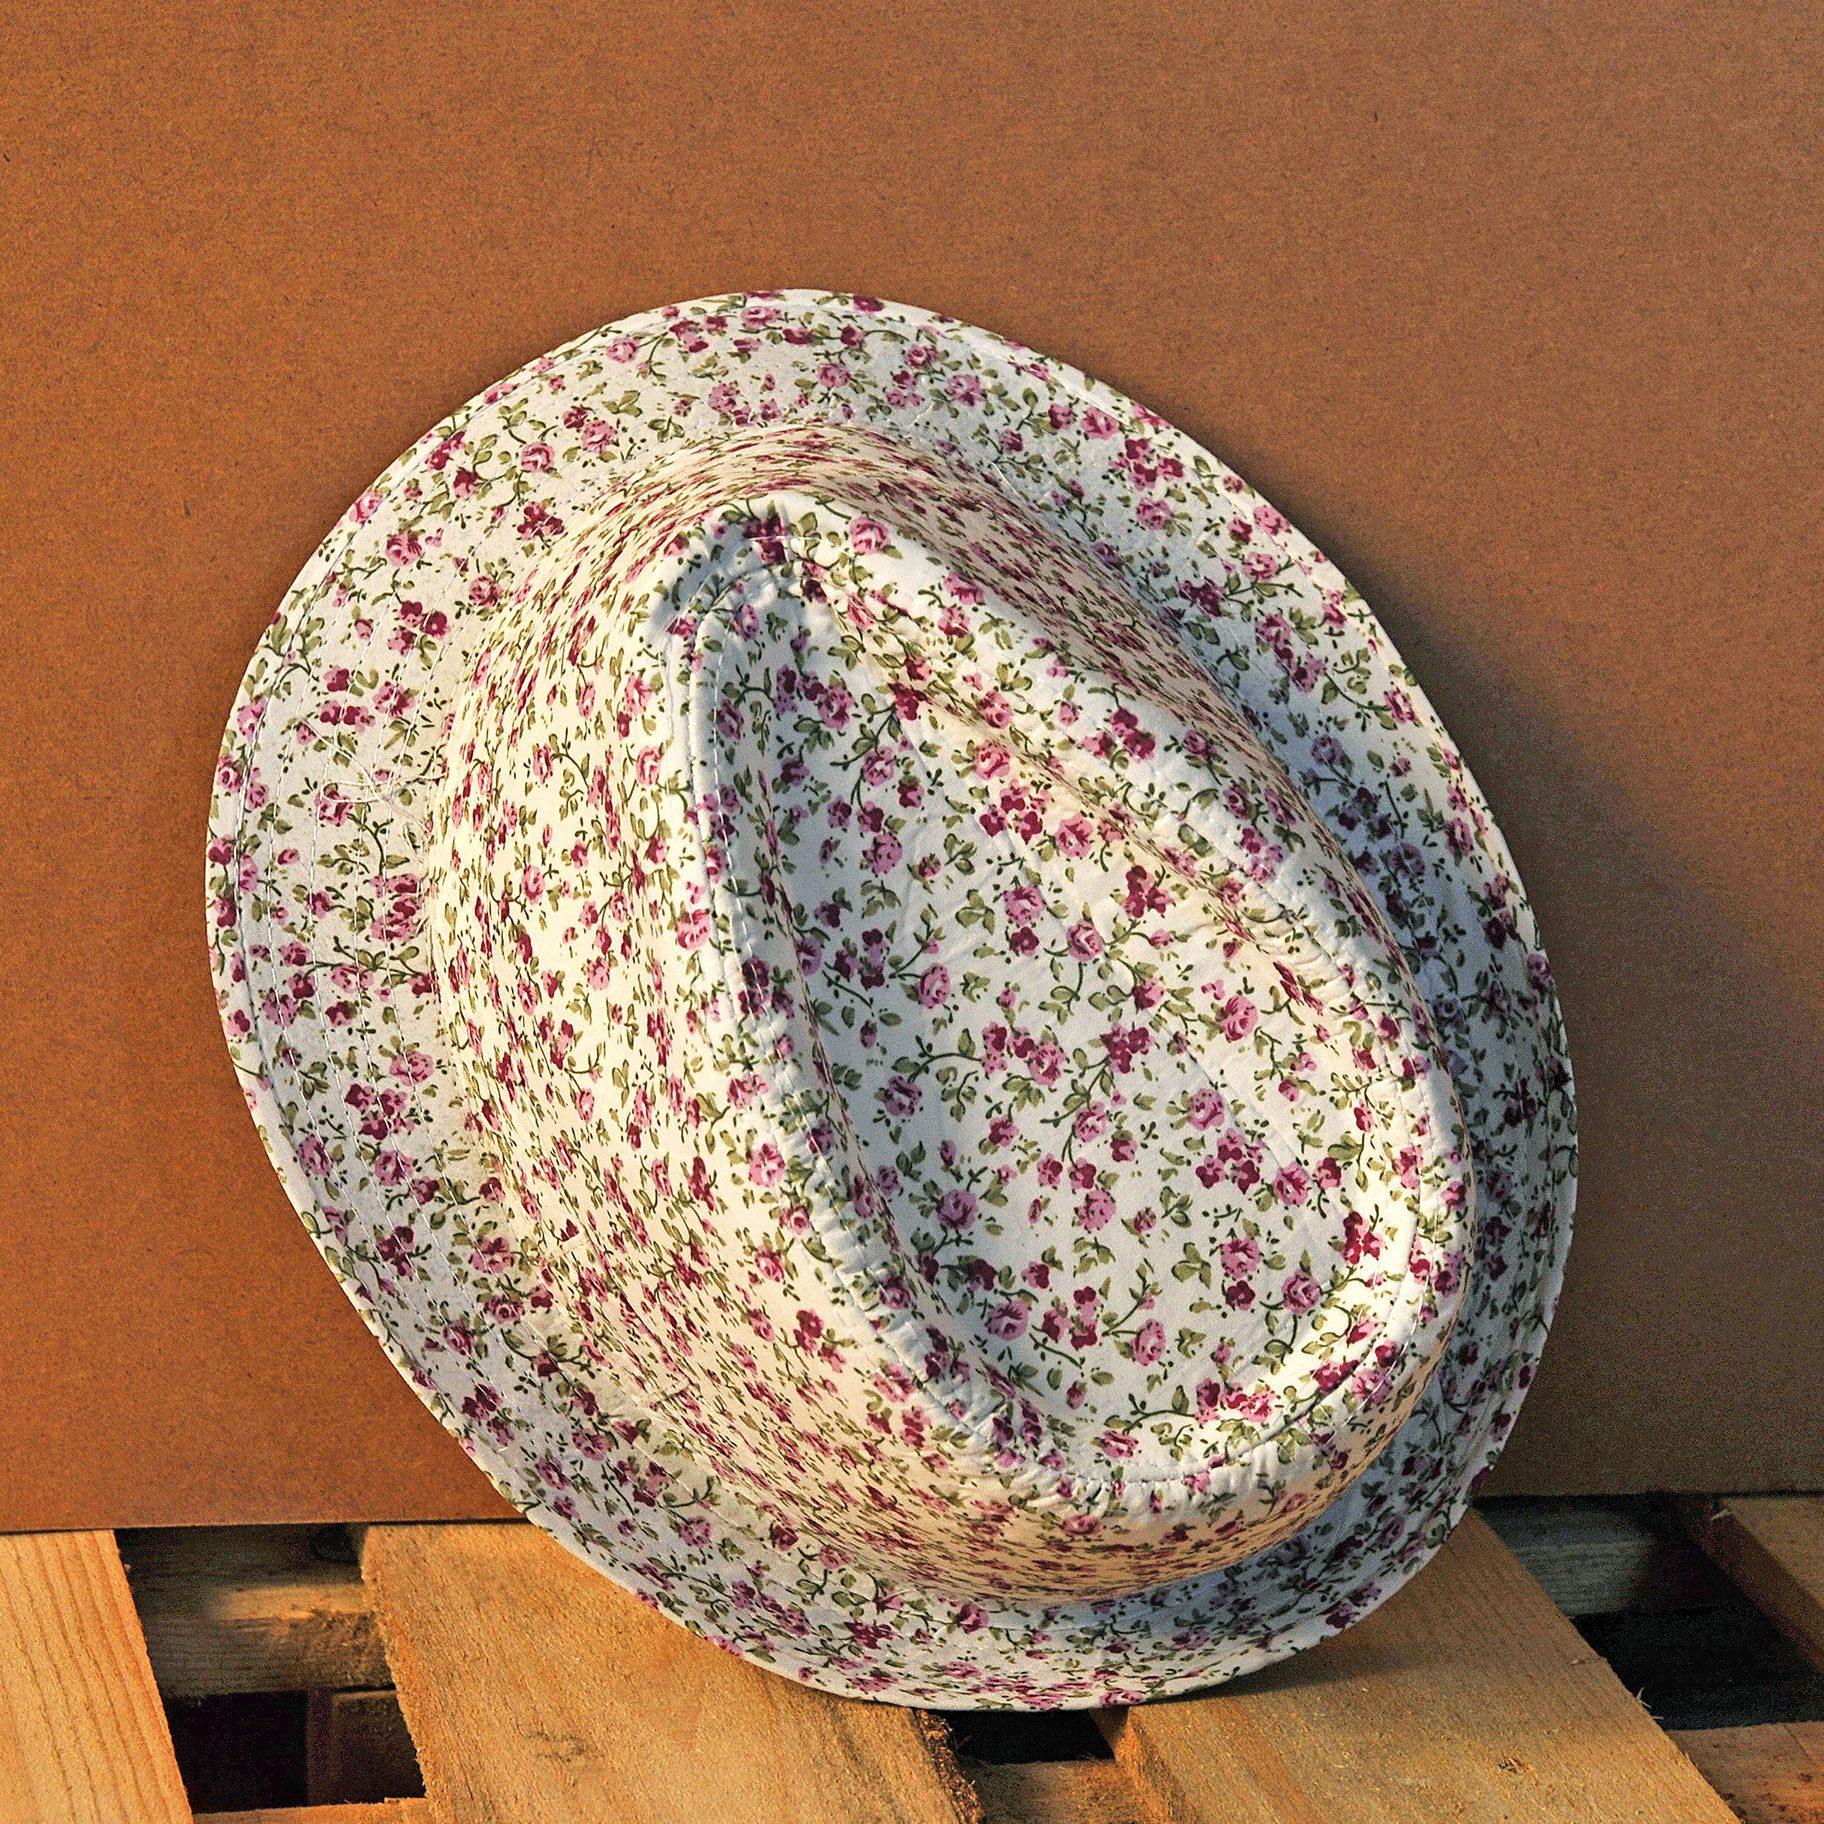 http://chantier.allee-du-foulard.fr/wp-content/uploads/2017/05/0591-ADF-Lookbook-Tendance-Fleuris-Trilby-1824x1824.jpg